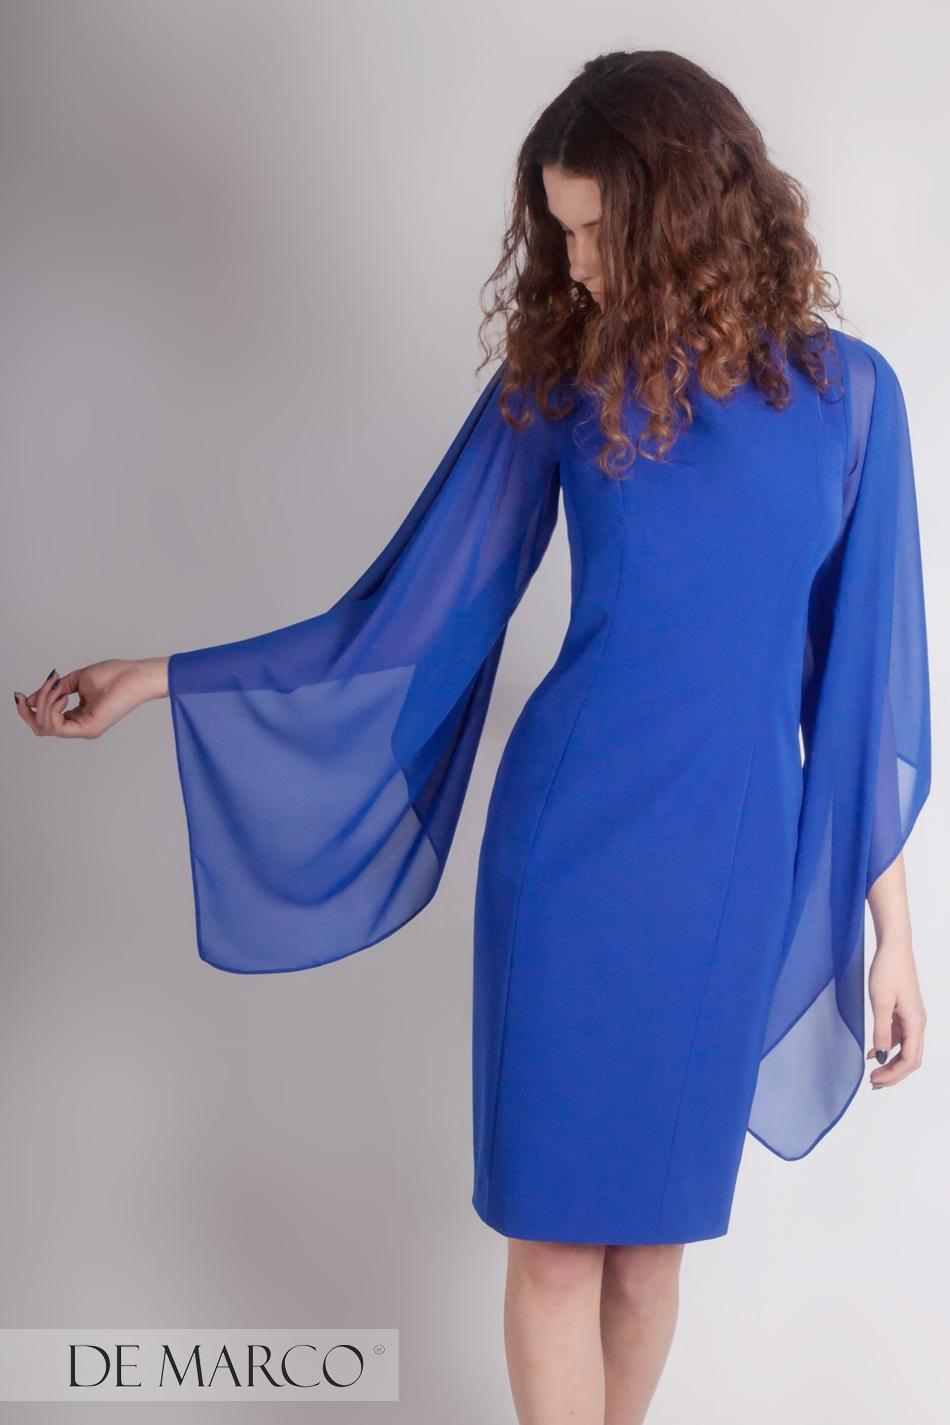 e3521d465e08c8 Zniewalająco piękna kreacja dla mamy wesela Jordana · Najpiękniejsza  sukienka dla kobiet sukcesu Jordana · Olśniewająca sukienka szafirowa  Jordana ...